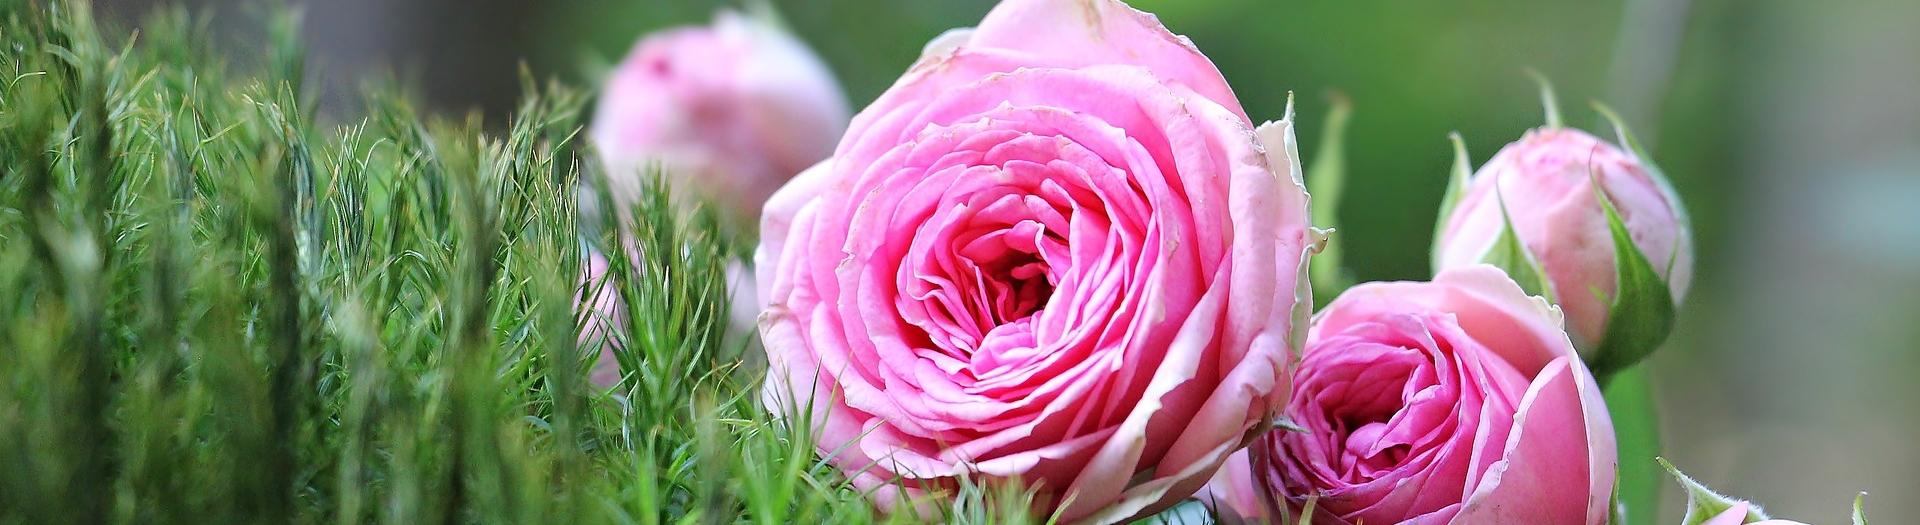 Kaunista oma koduaeda Põltsamaa Roosiaias kasvatatud roosidega